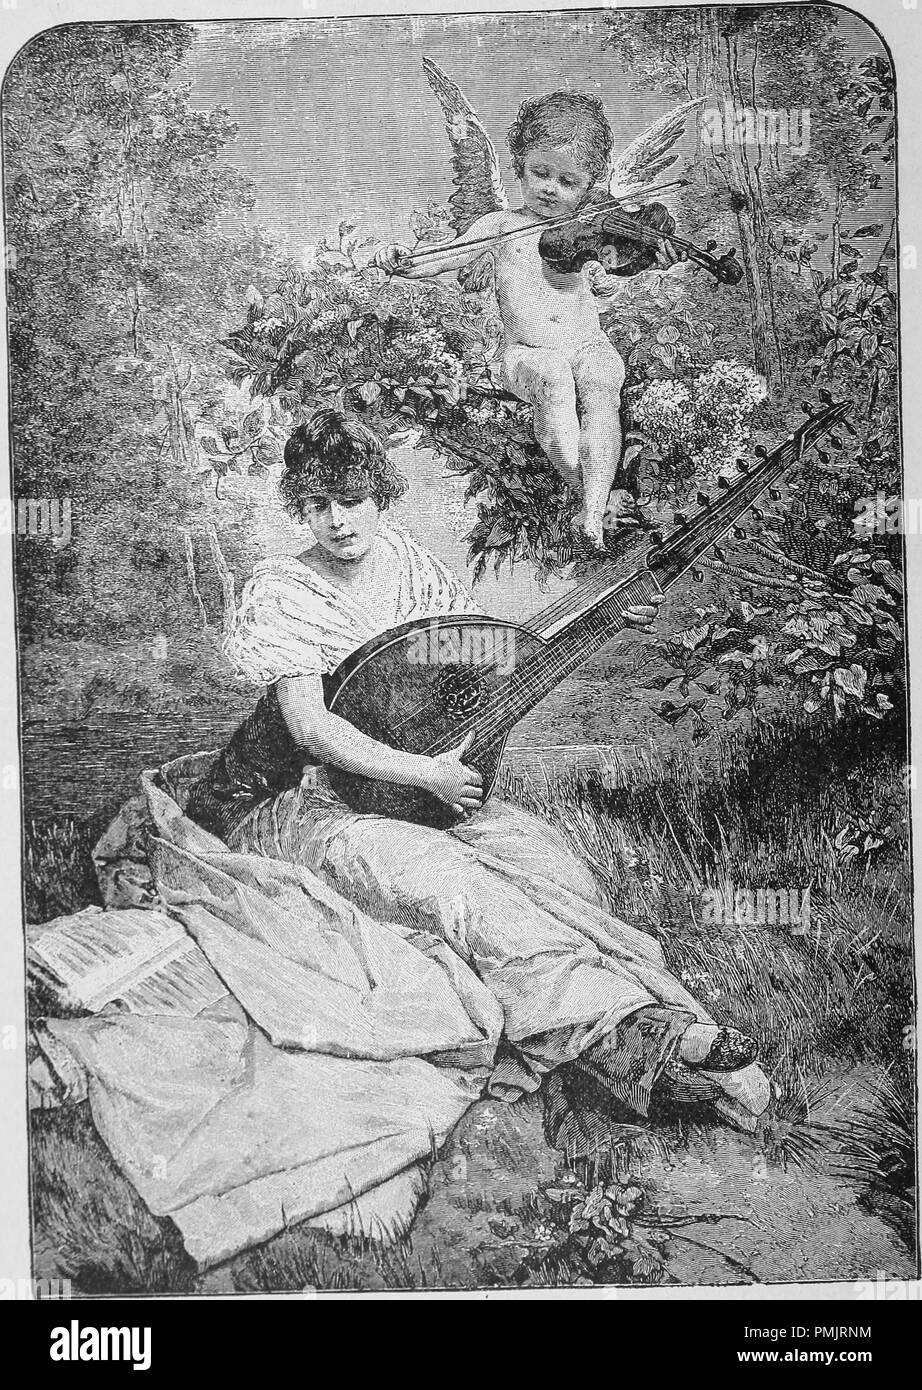 """Incisione di una giovane donna con un angelo sopra la sua spalla la riproduzione di musica, dal libro """"La nostra società"""", 1891. La cortesia Internet Archive. () Immagini Stock"""